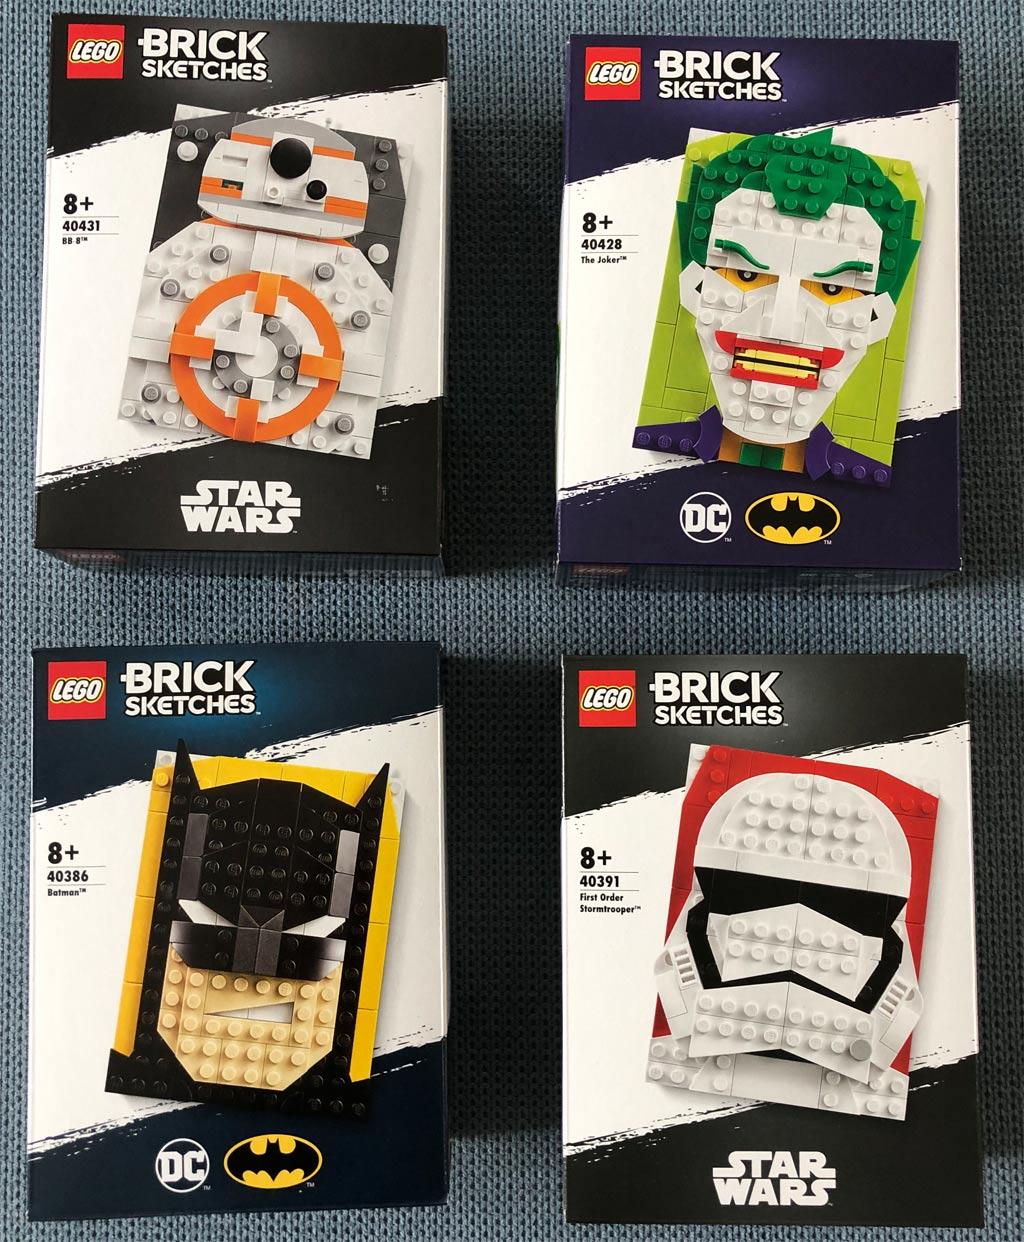 lego-brick-sketches-boxen-front-2020-zusammengebaut-michael-kopp zusammengebaut.com